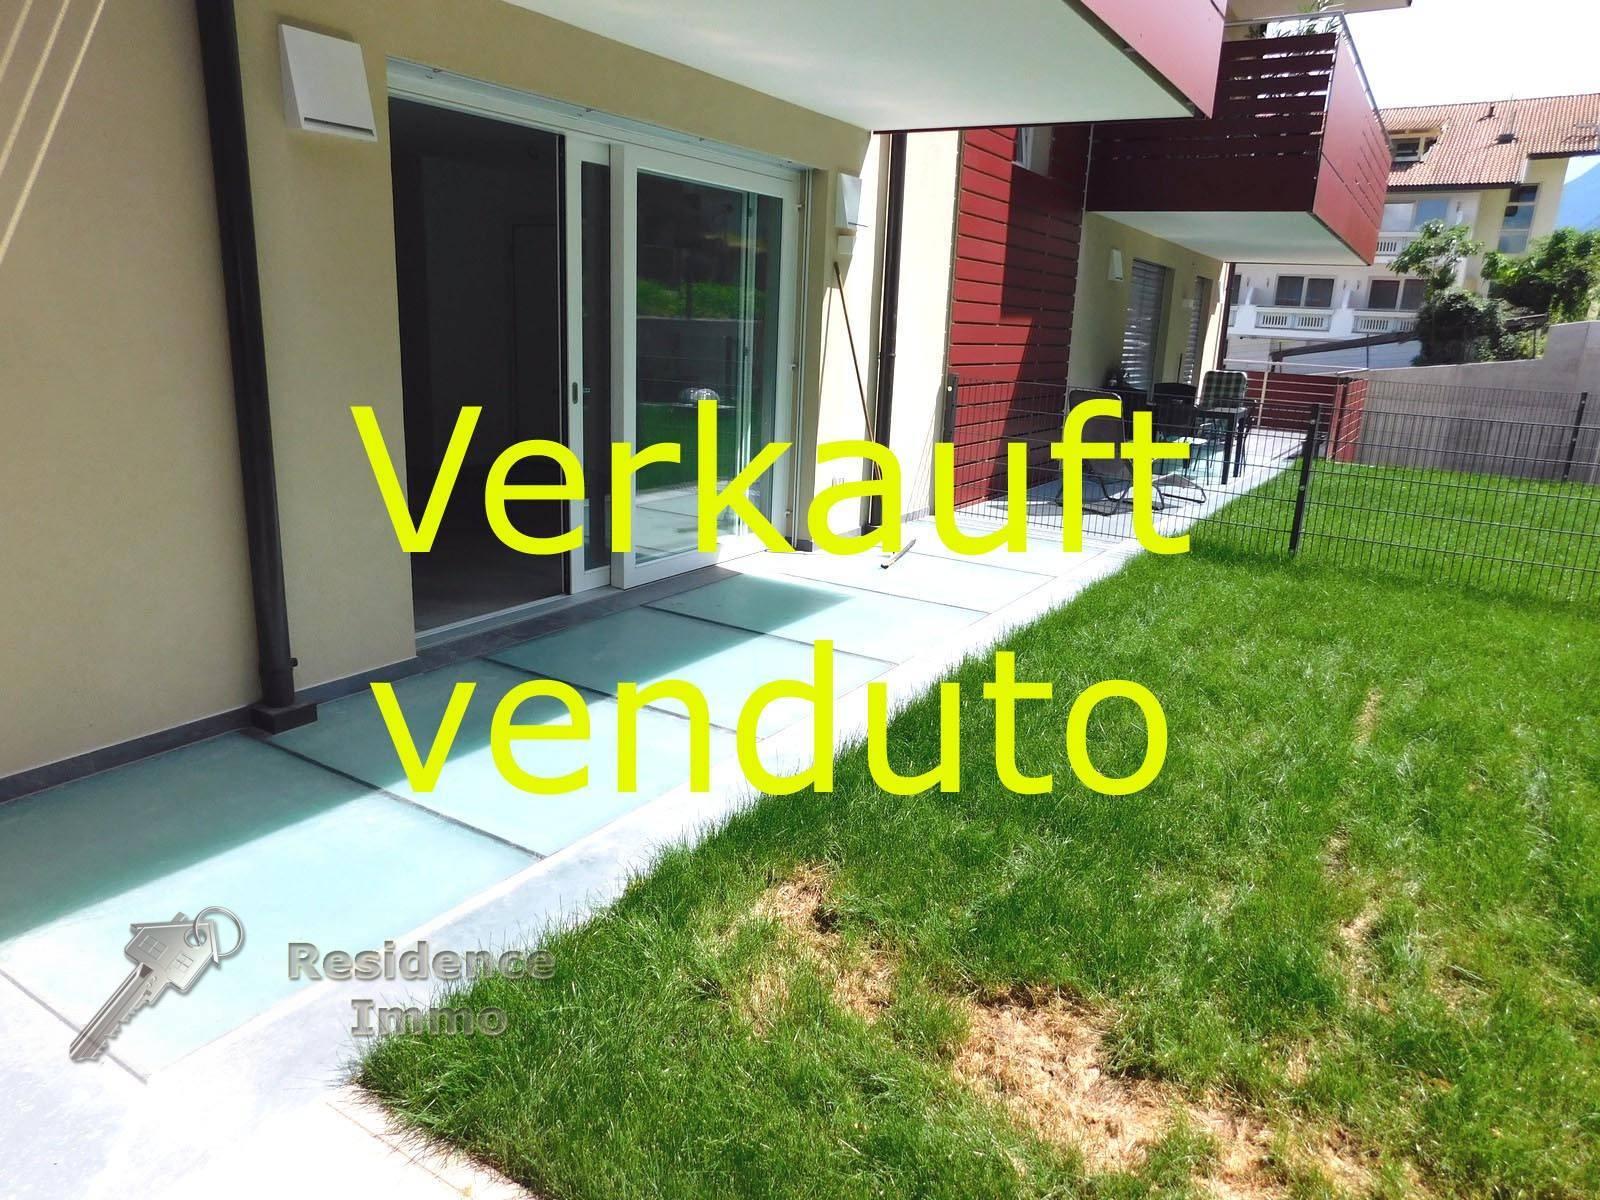 Appartamento in vendita a Caldaro sulla Strada del Vino, 3 locali, zona Località: PianizzadiSopra, prezzo € 376.000   CambioCasa.it